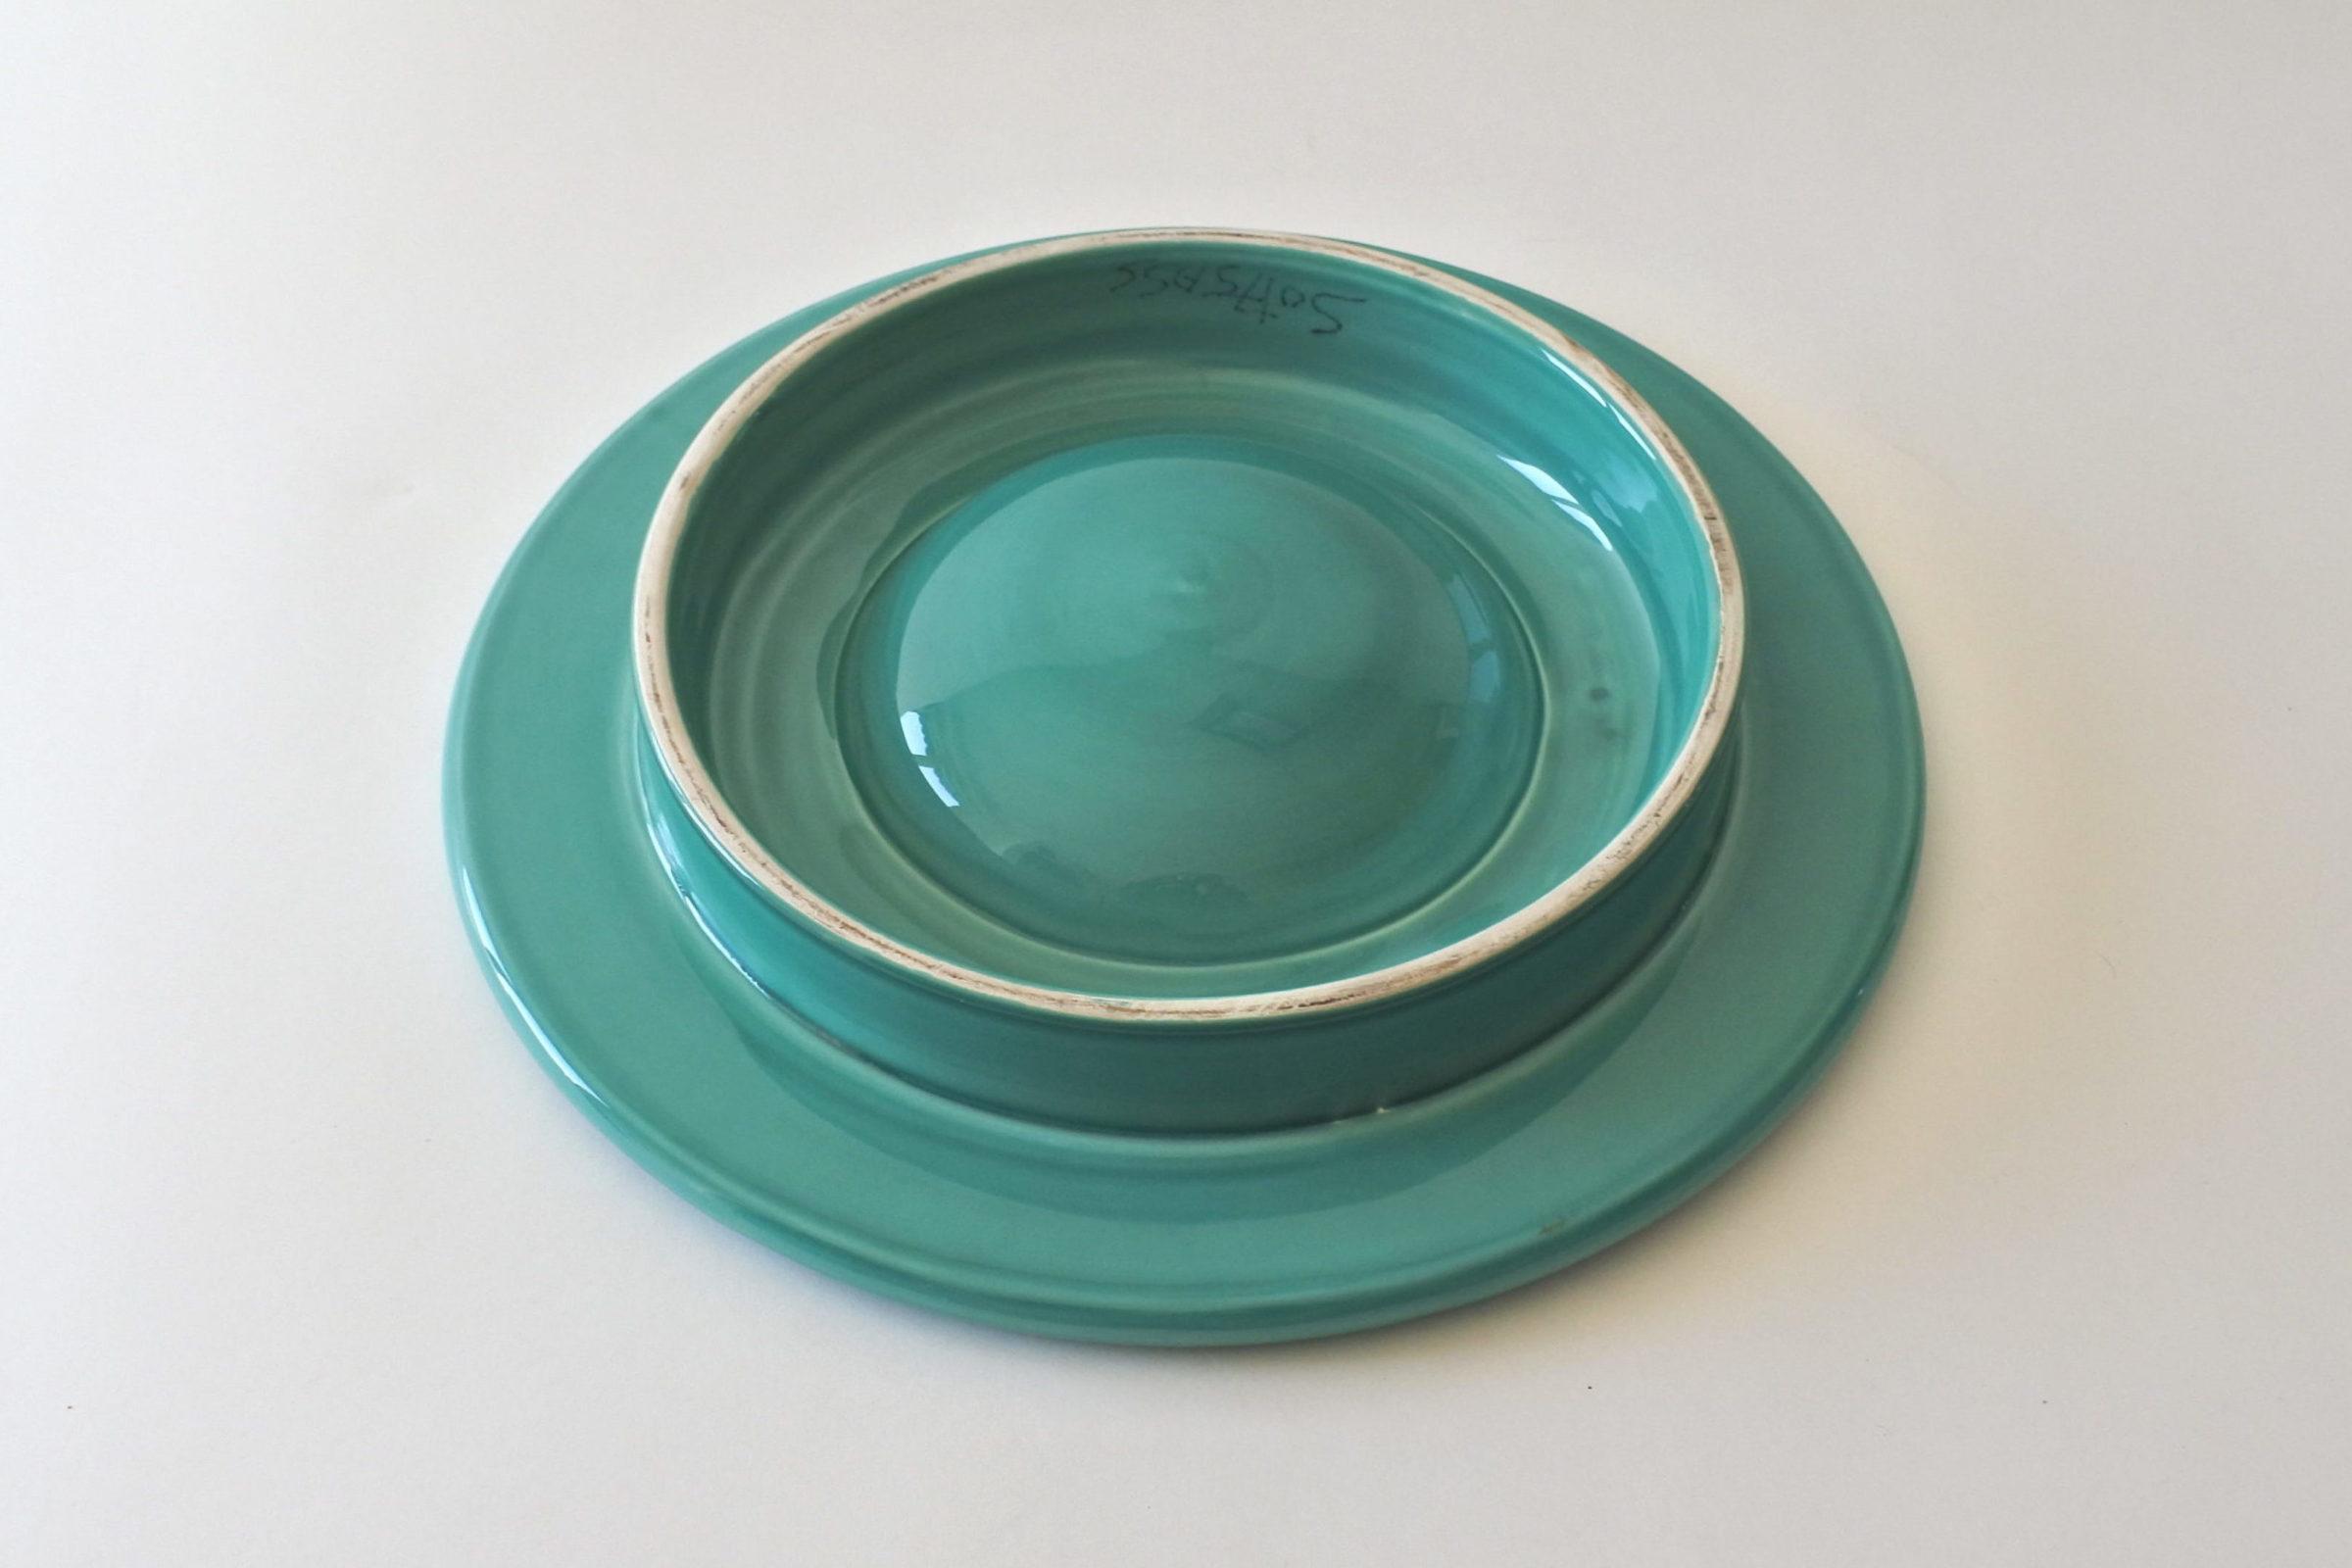 Centro tavola in ceramica - Ettore Sottsass per ceramiche Bitossi - 4